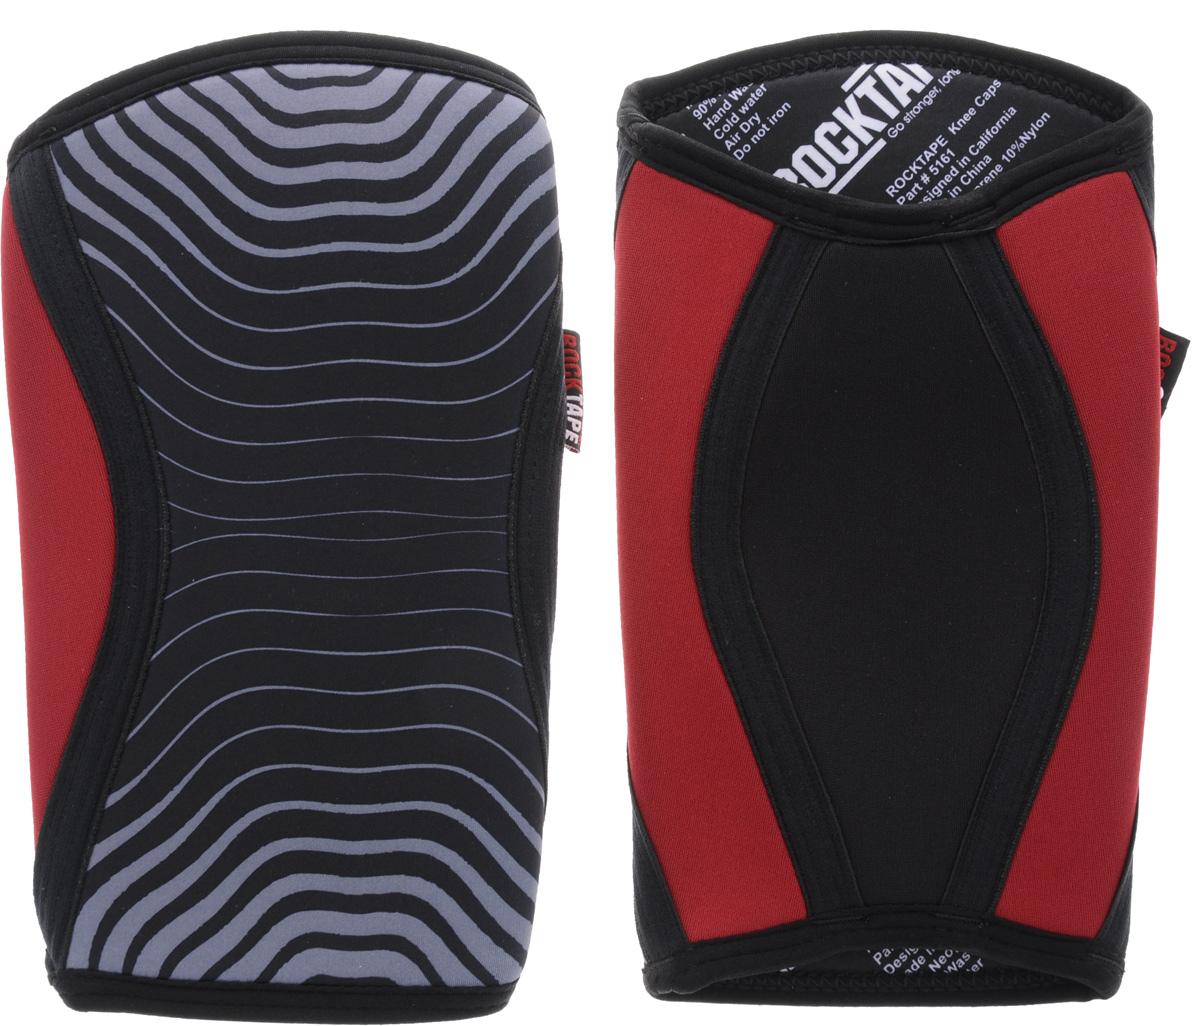 Наколенники Rocktape KneeCaps, цвет: красный, серый, черный, толщина 5 мм. Размер MRTKnCps-Rd-5-MRocktape KneeCaps - это компрессионные наколенники для тяжелой атлетики/CrossFit. Наколенники созданы специально, чтобы обеспечить компрессионный и согревающий эффект, а также придать стабильность коленному суставу для выполнения функциональных движений, таких как становая тяга, пистолет, приседания со штангой.В отличие от аналогов, наколенники Rocktape KneeCaps более высокие и разработаны специально для компрессии VMO (косой медиальной широкой мышцы бедра) в месте ее прикрепления над коленной чашечкой, чтобы обеспечить надлежащую стабилизацию колена и контроль. Помимо стабилизации, они создают компрессионный и согревающий эффект, что улучшает кровоток.Толщина: 5 мм.Обхват колена: 34-37 см.